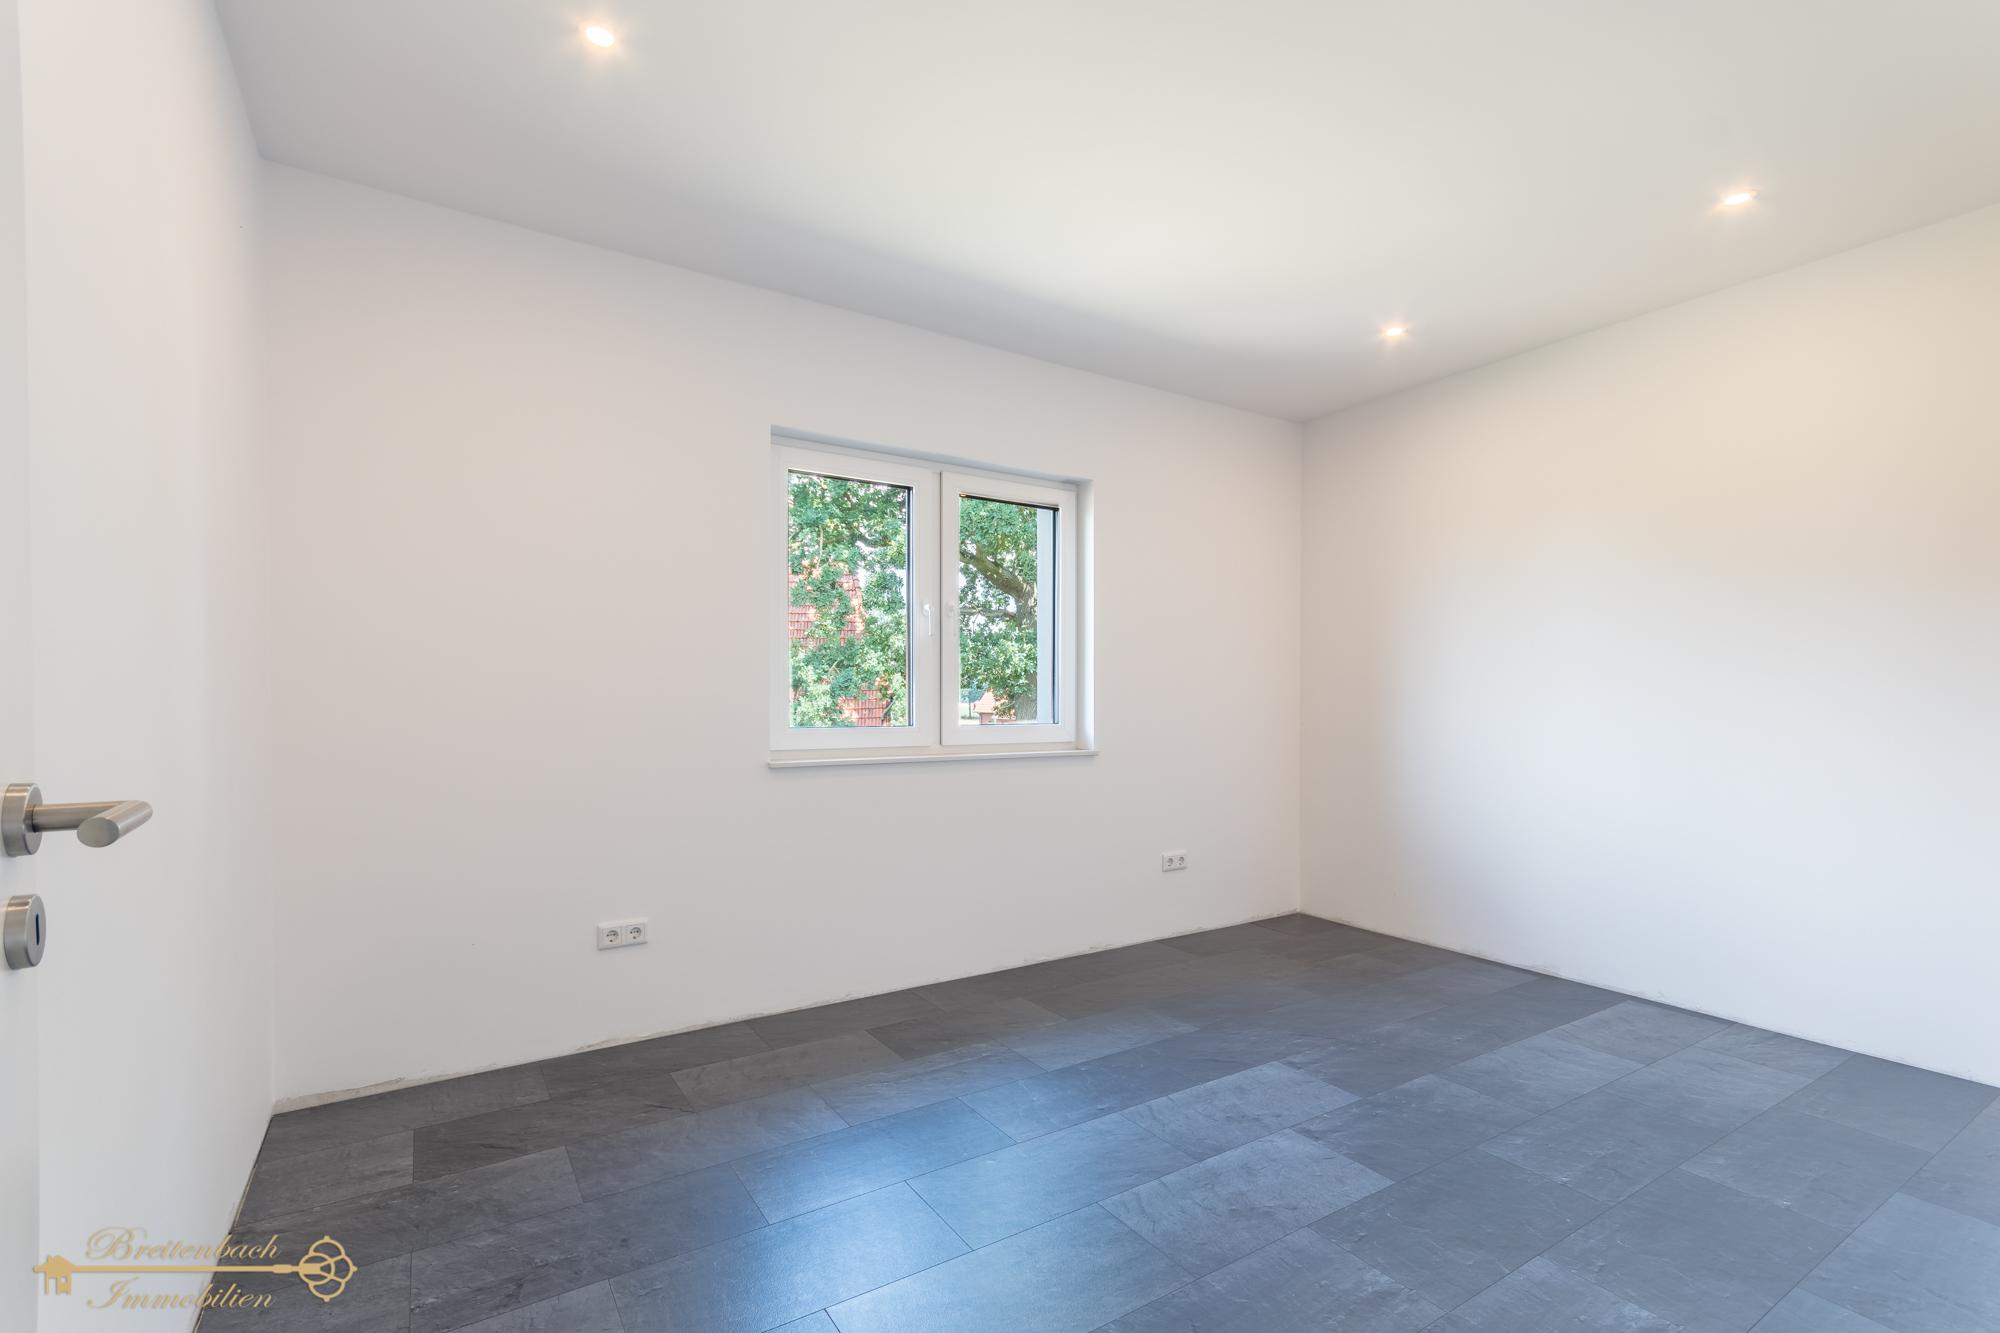 2020-07-03-Breitenbach-Immobilien-26